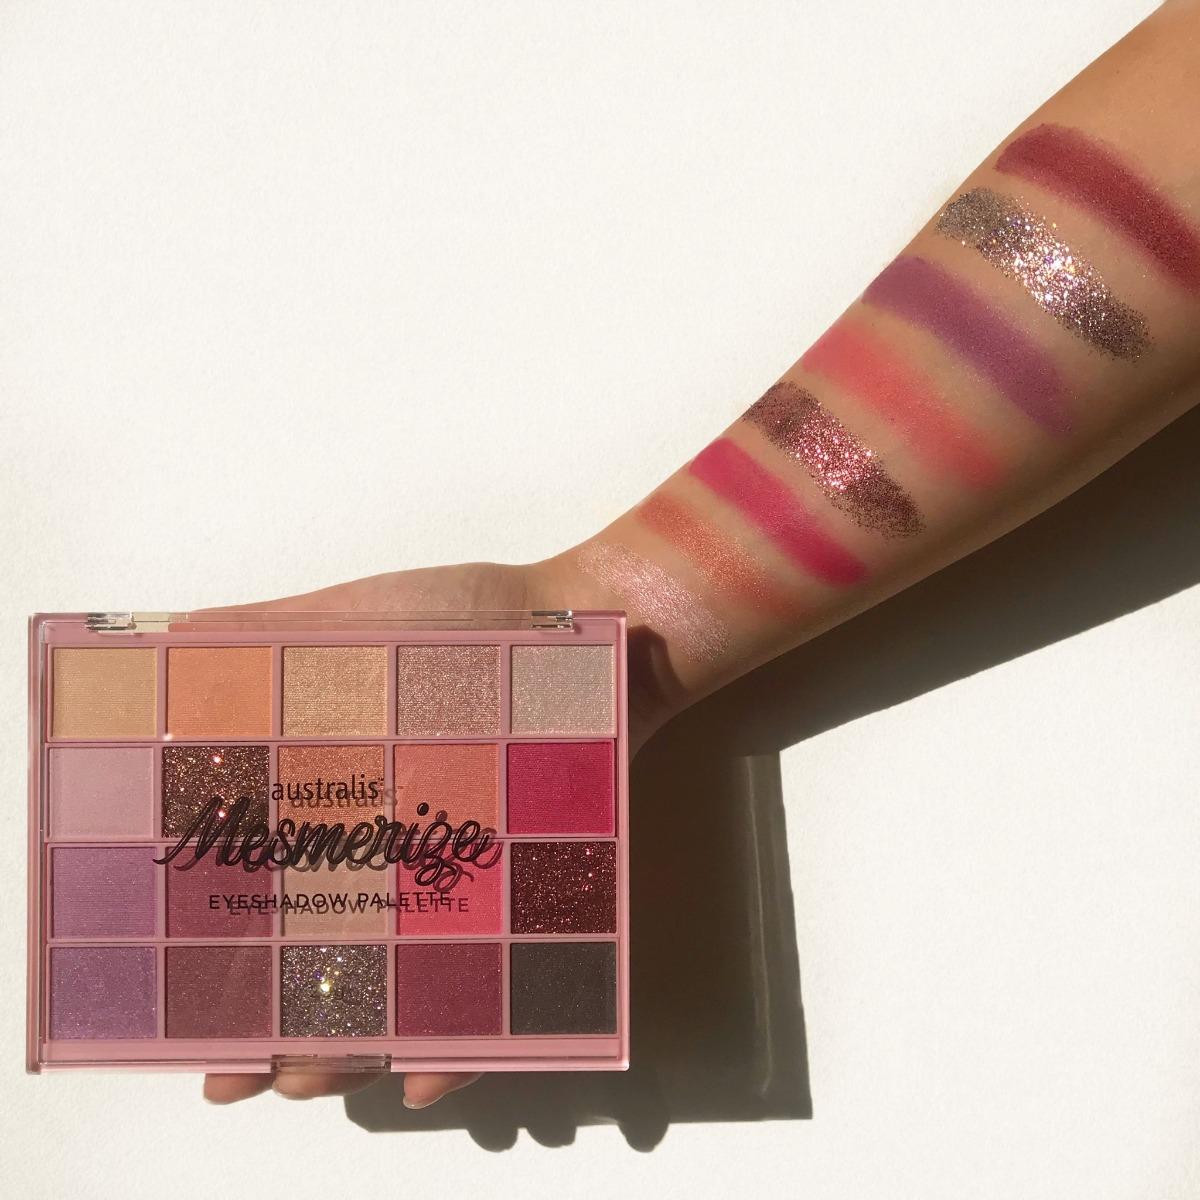 Bảng Phấn Mắt 20 Màu Australis Mesmerize Eyeshadow Palette 20g phù hợp cho nhiều nhu cầu trang điểm khác nhau